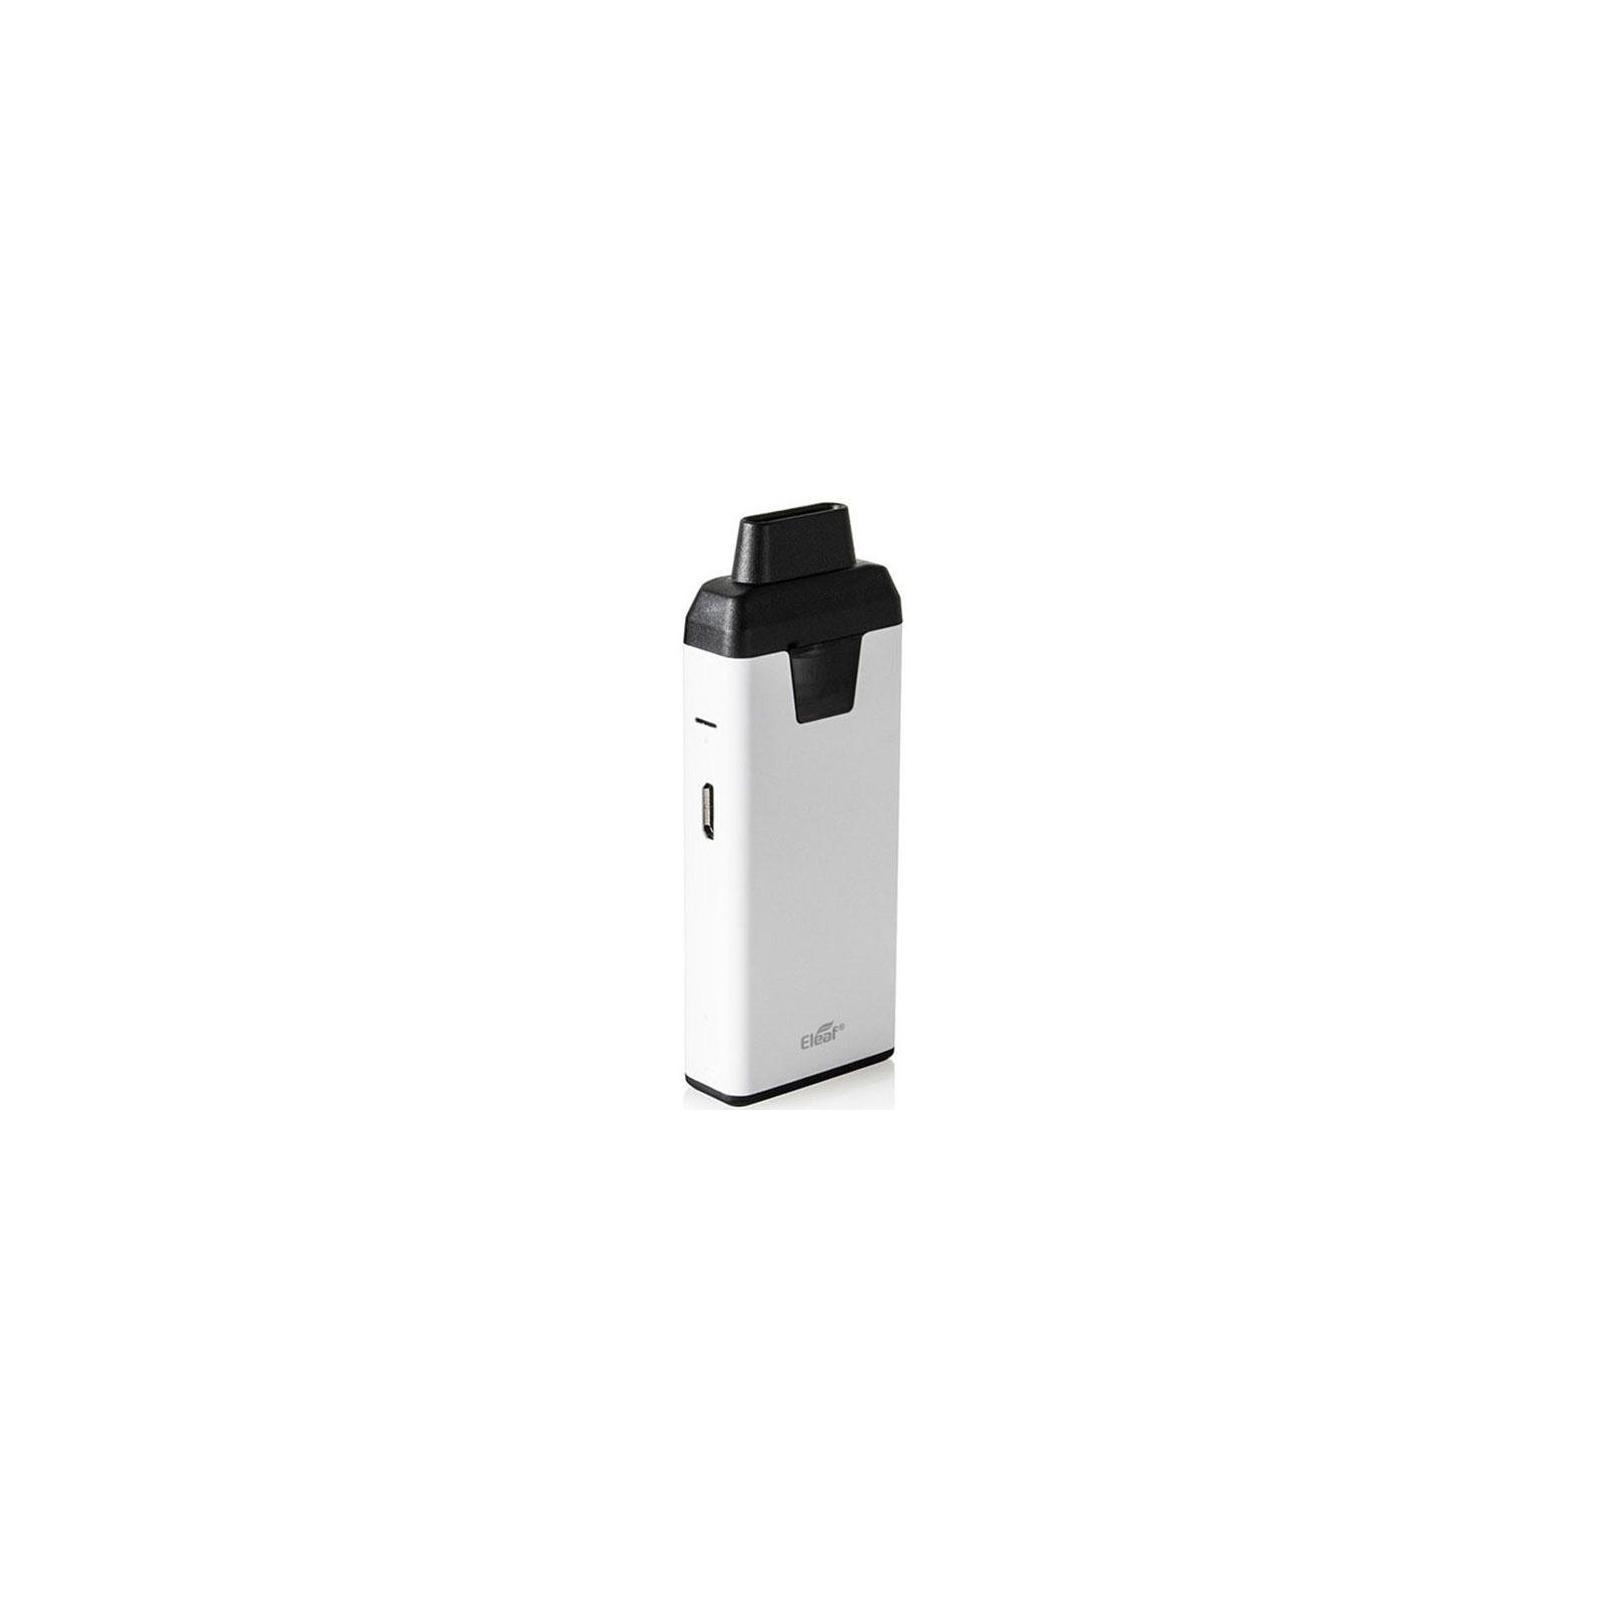 Стартовый набор Eleaf iCare 2 Kit White (EICAR2KW)